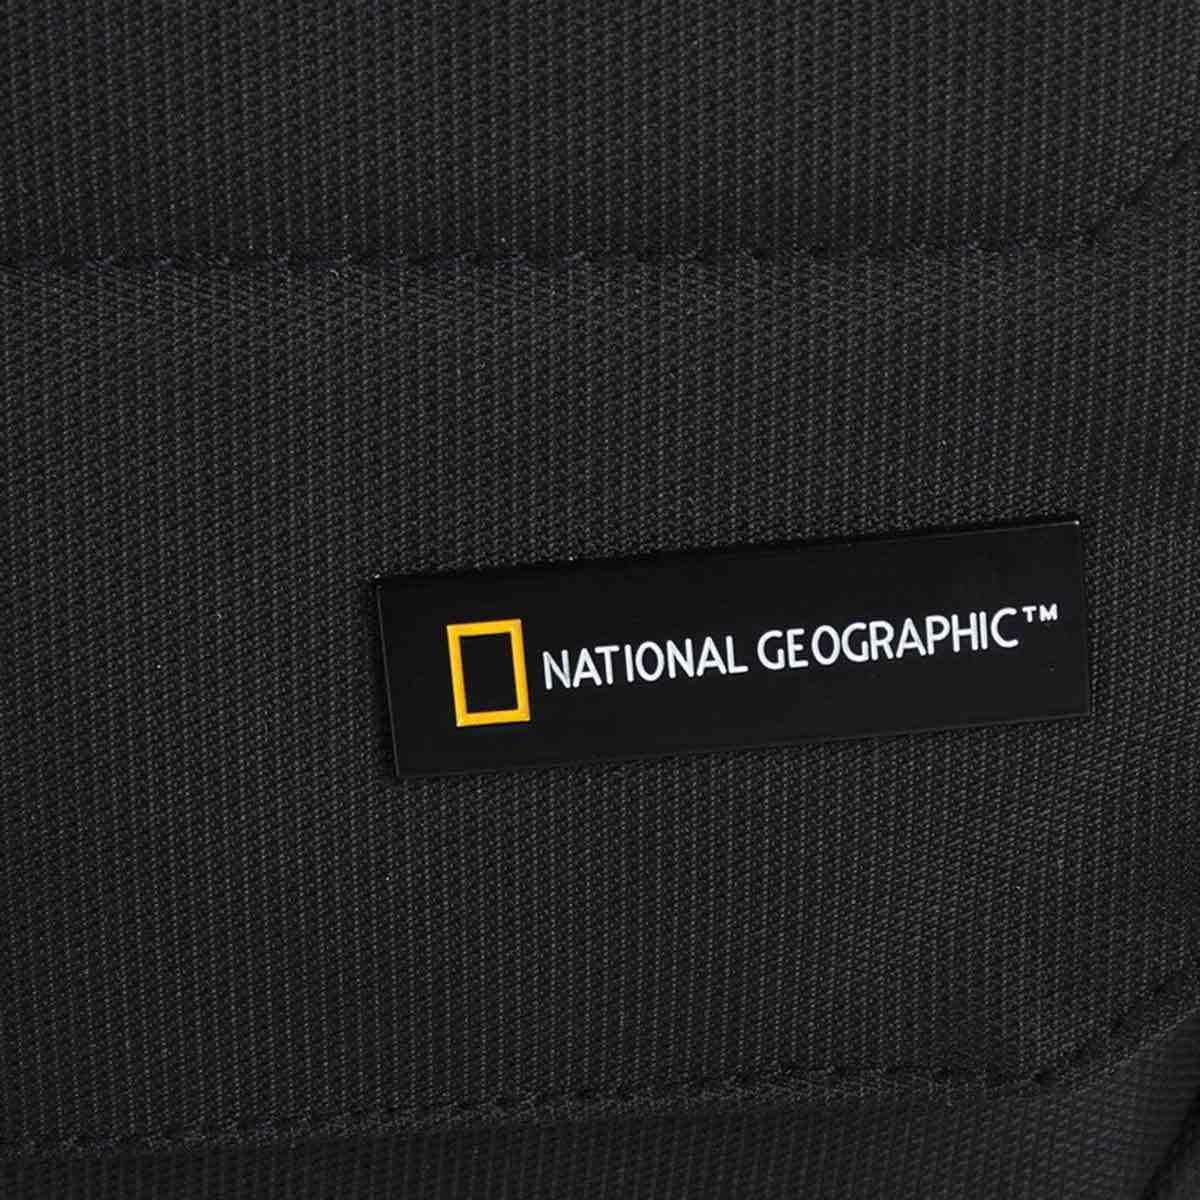 Τσαντάκι Χιαστί National Geographic N00704 Μαύρο